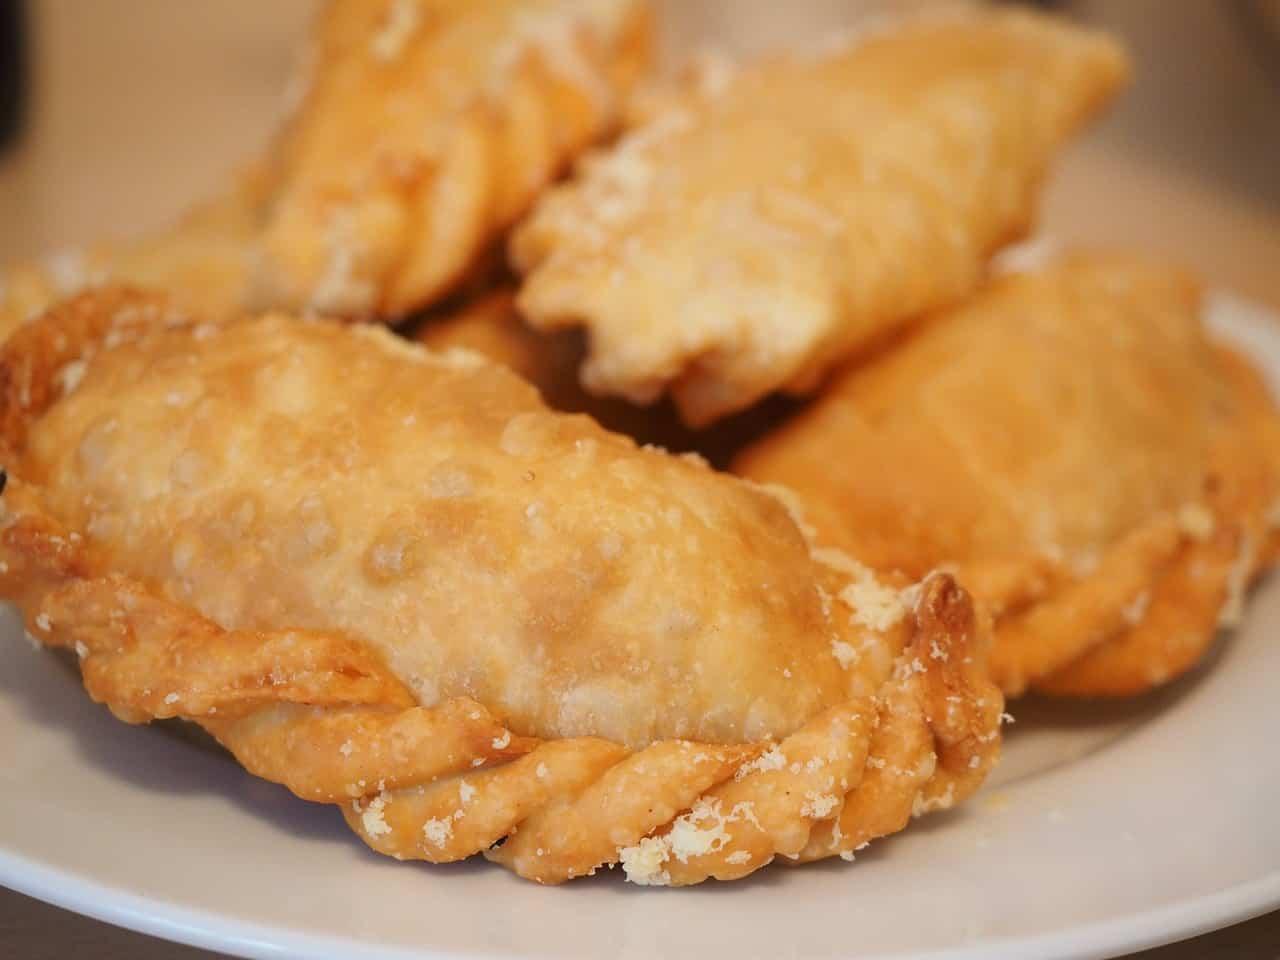 snack-ideas-barbecue-party-4-empanada